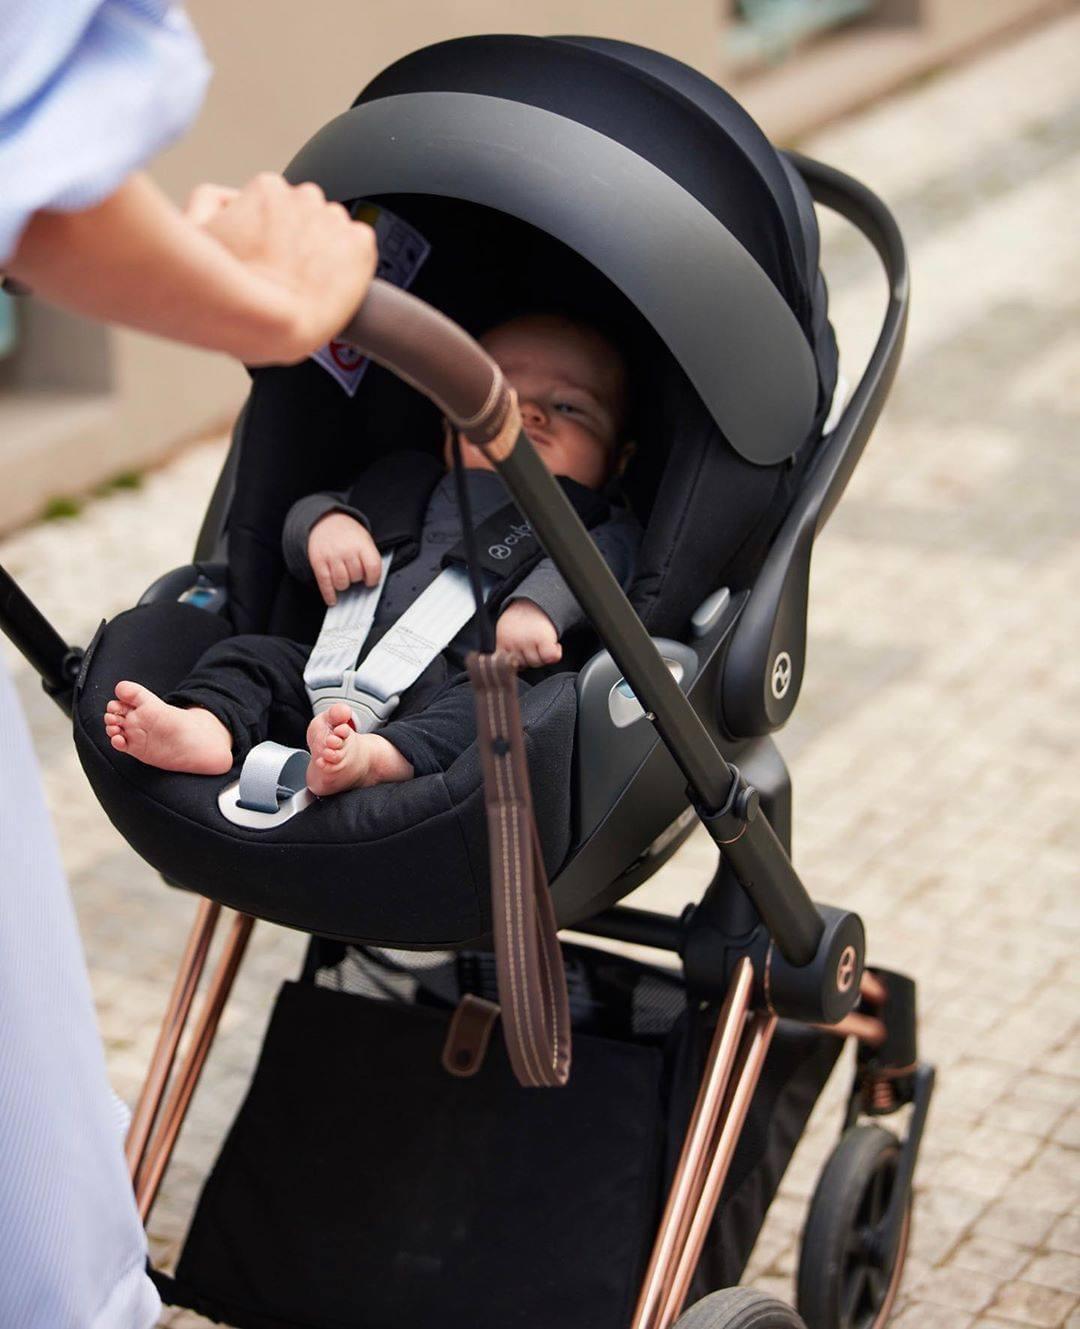 Corso on line gratuito: Sicurezza in auto con bambini con ...